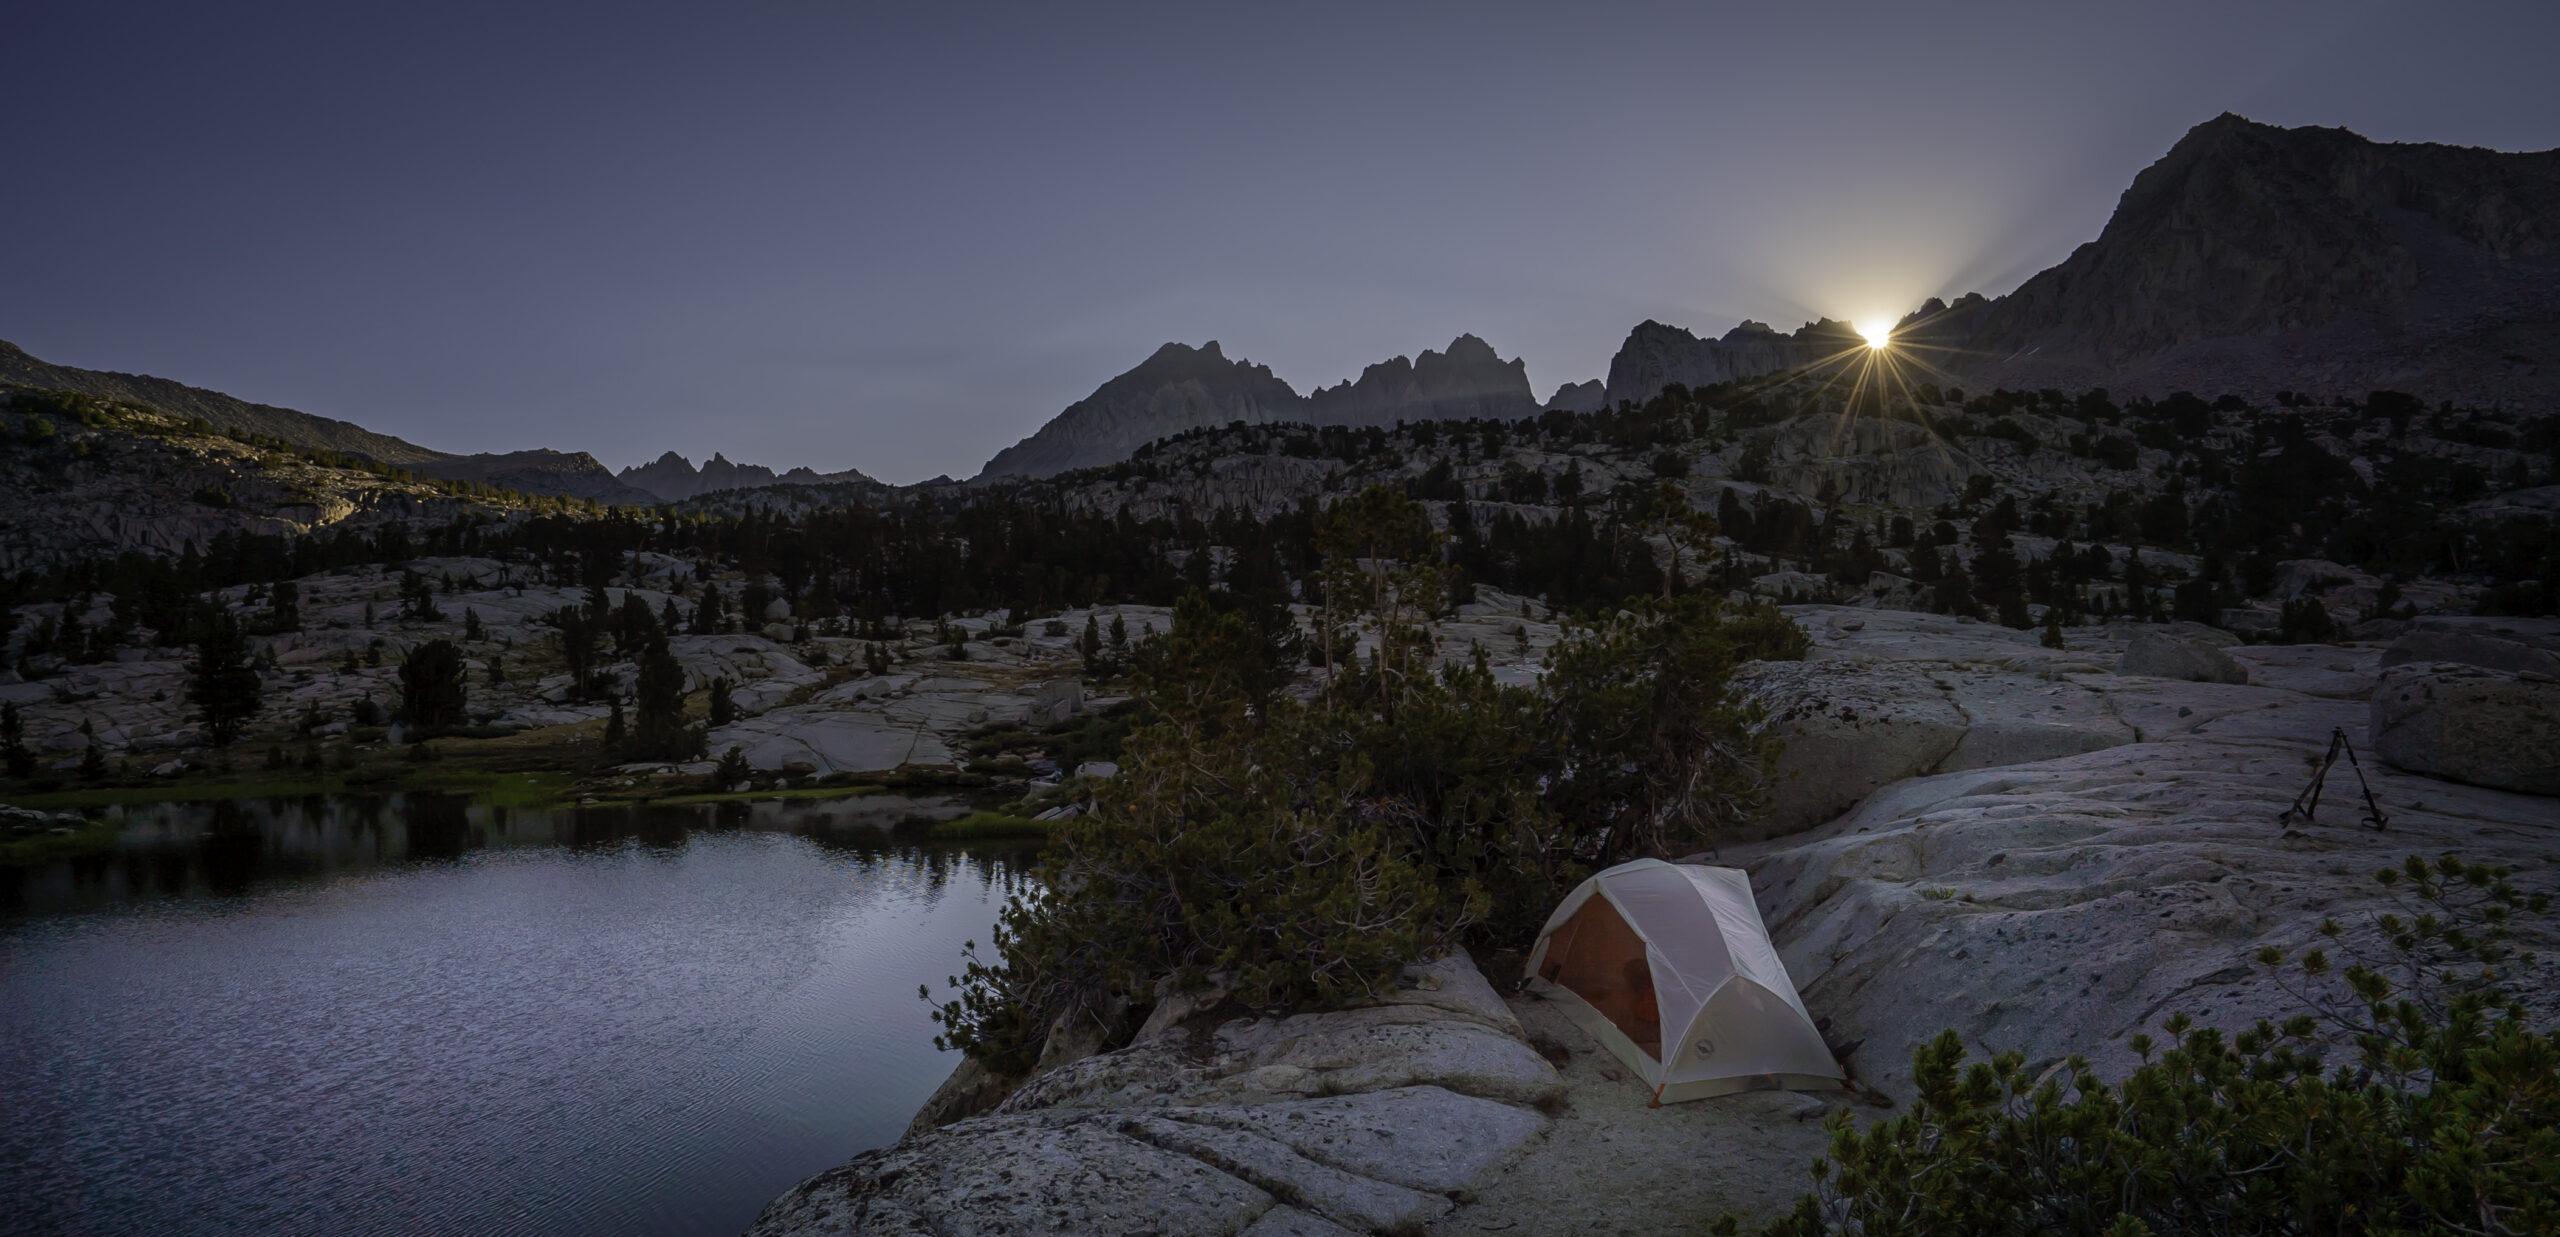 The John Muir Trail – Sierra Nevadas, California